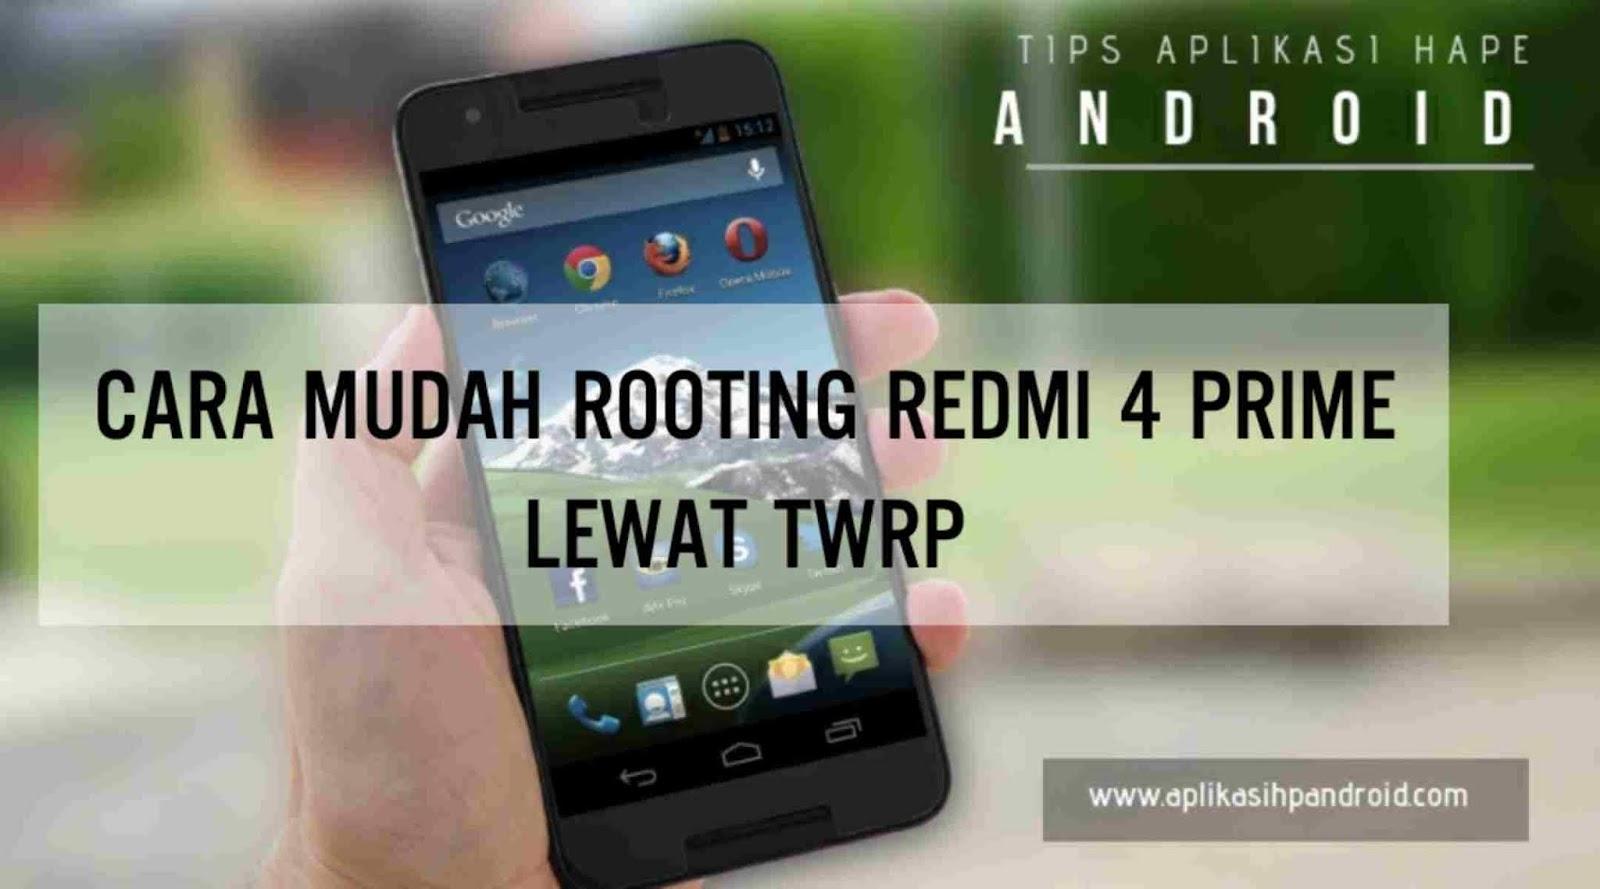 Cara Rooting Redmi 4 Prime lewat TWRP